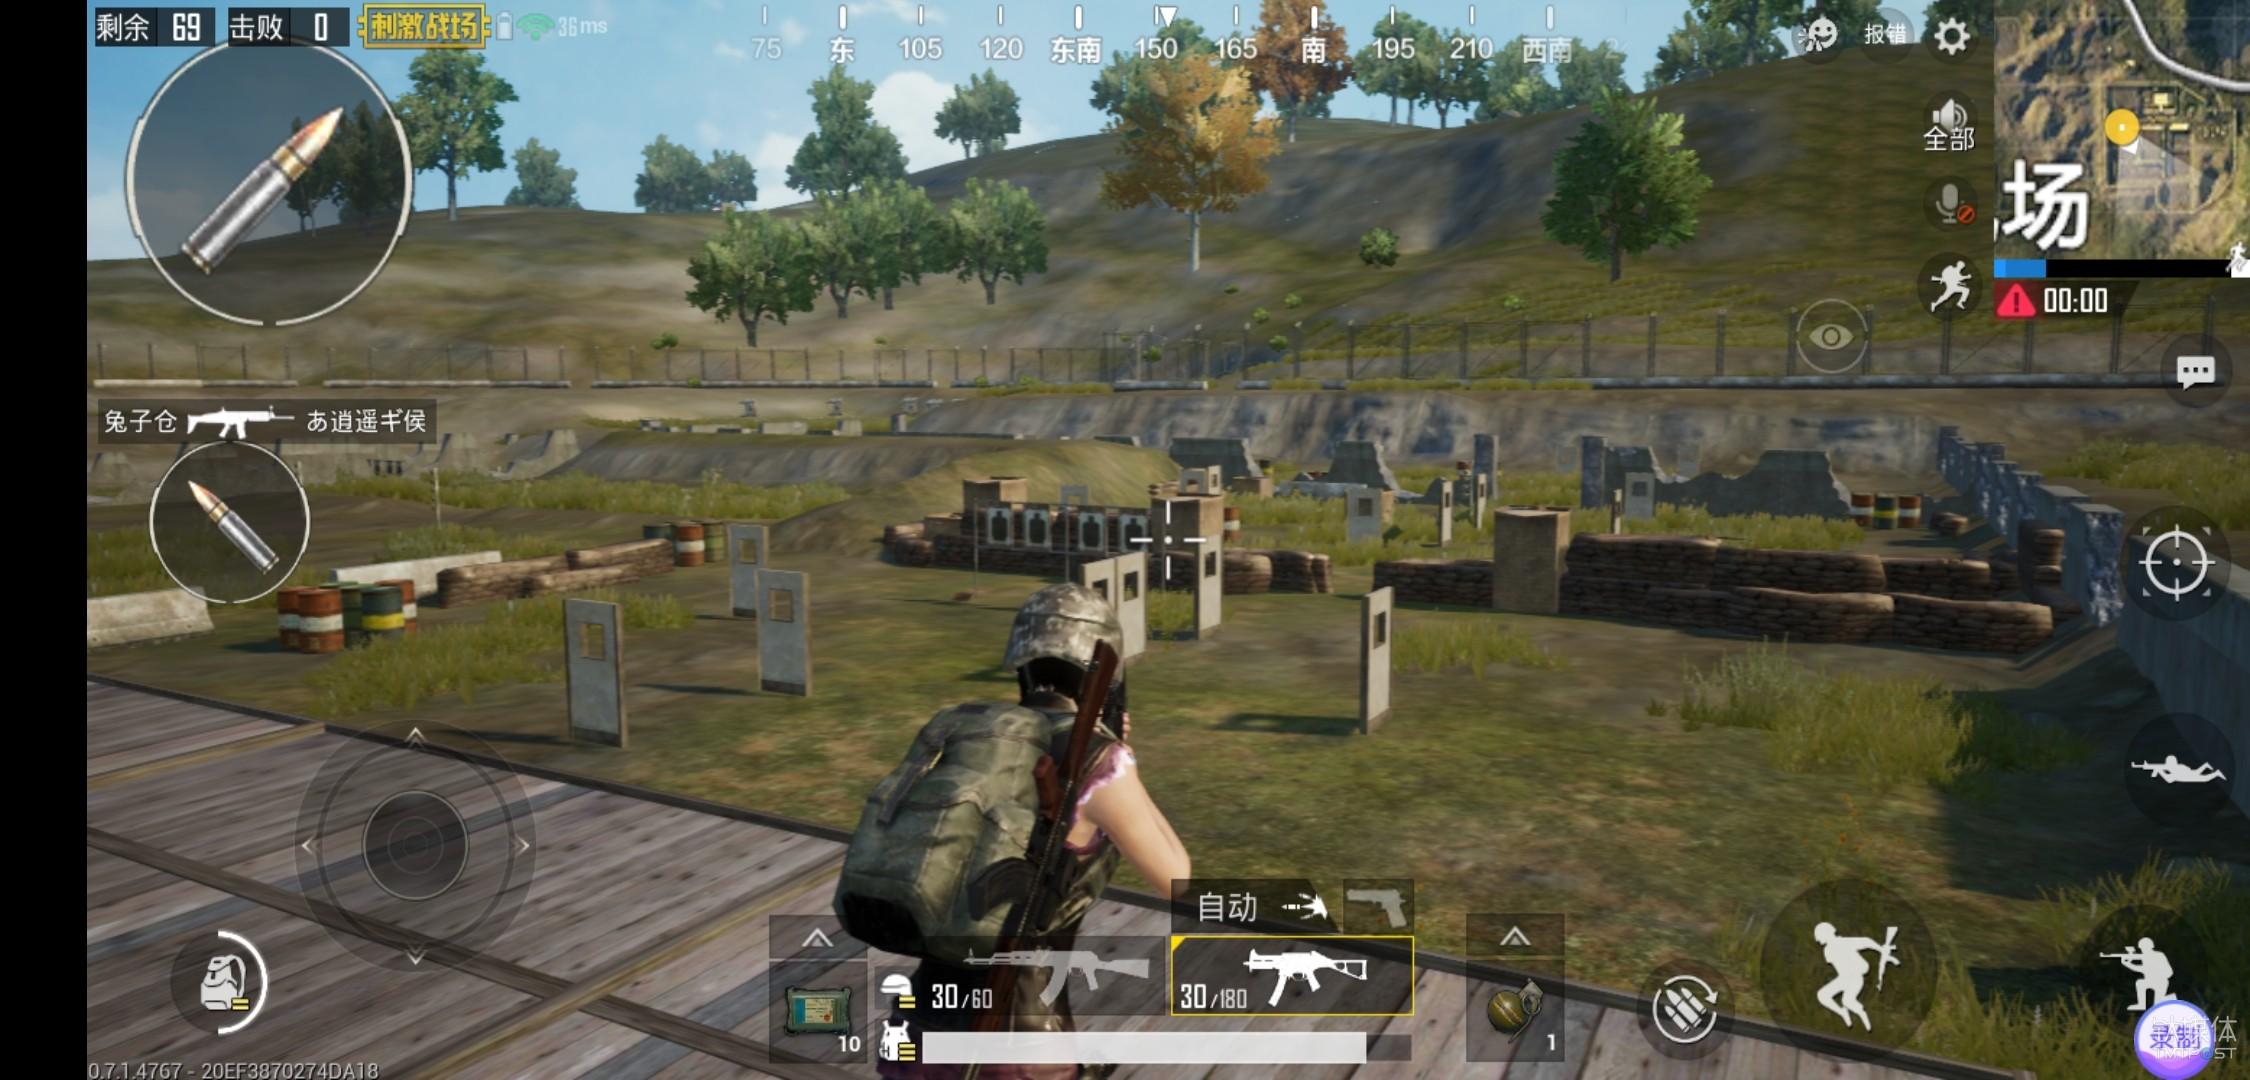 游戏过程提供更清晰分辨率